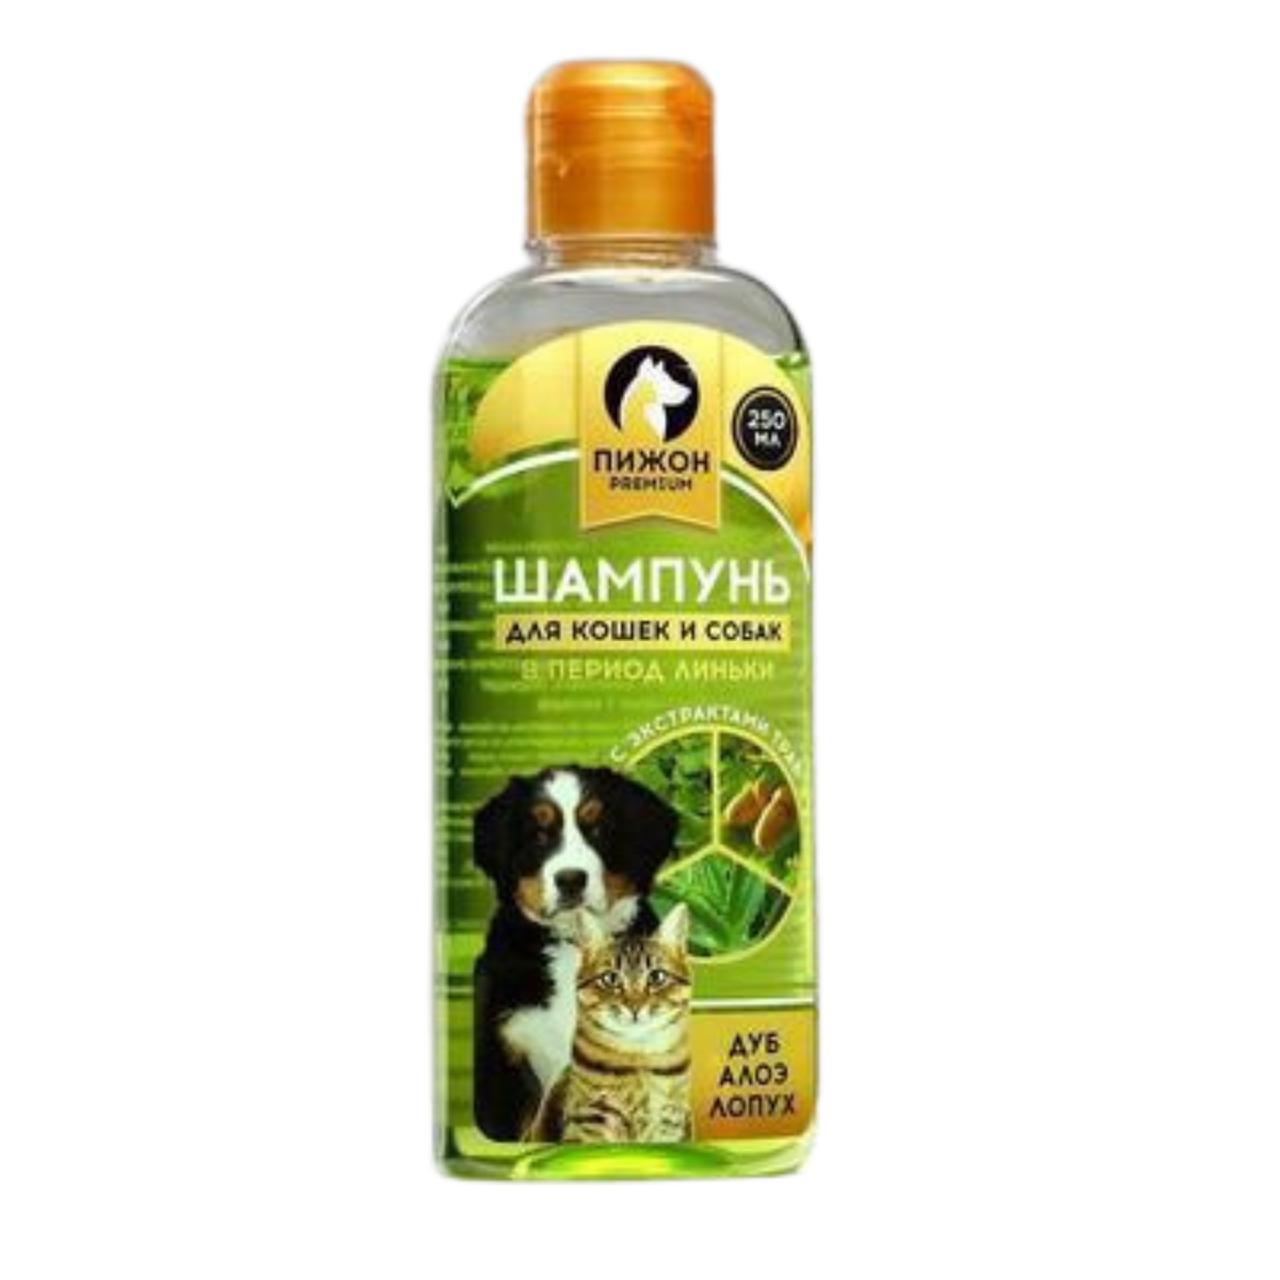 Шампунь в период линьки с экстрактами трав, для кошек и собак Пижон Premium, 250мл